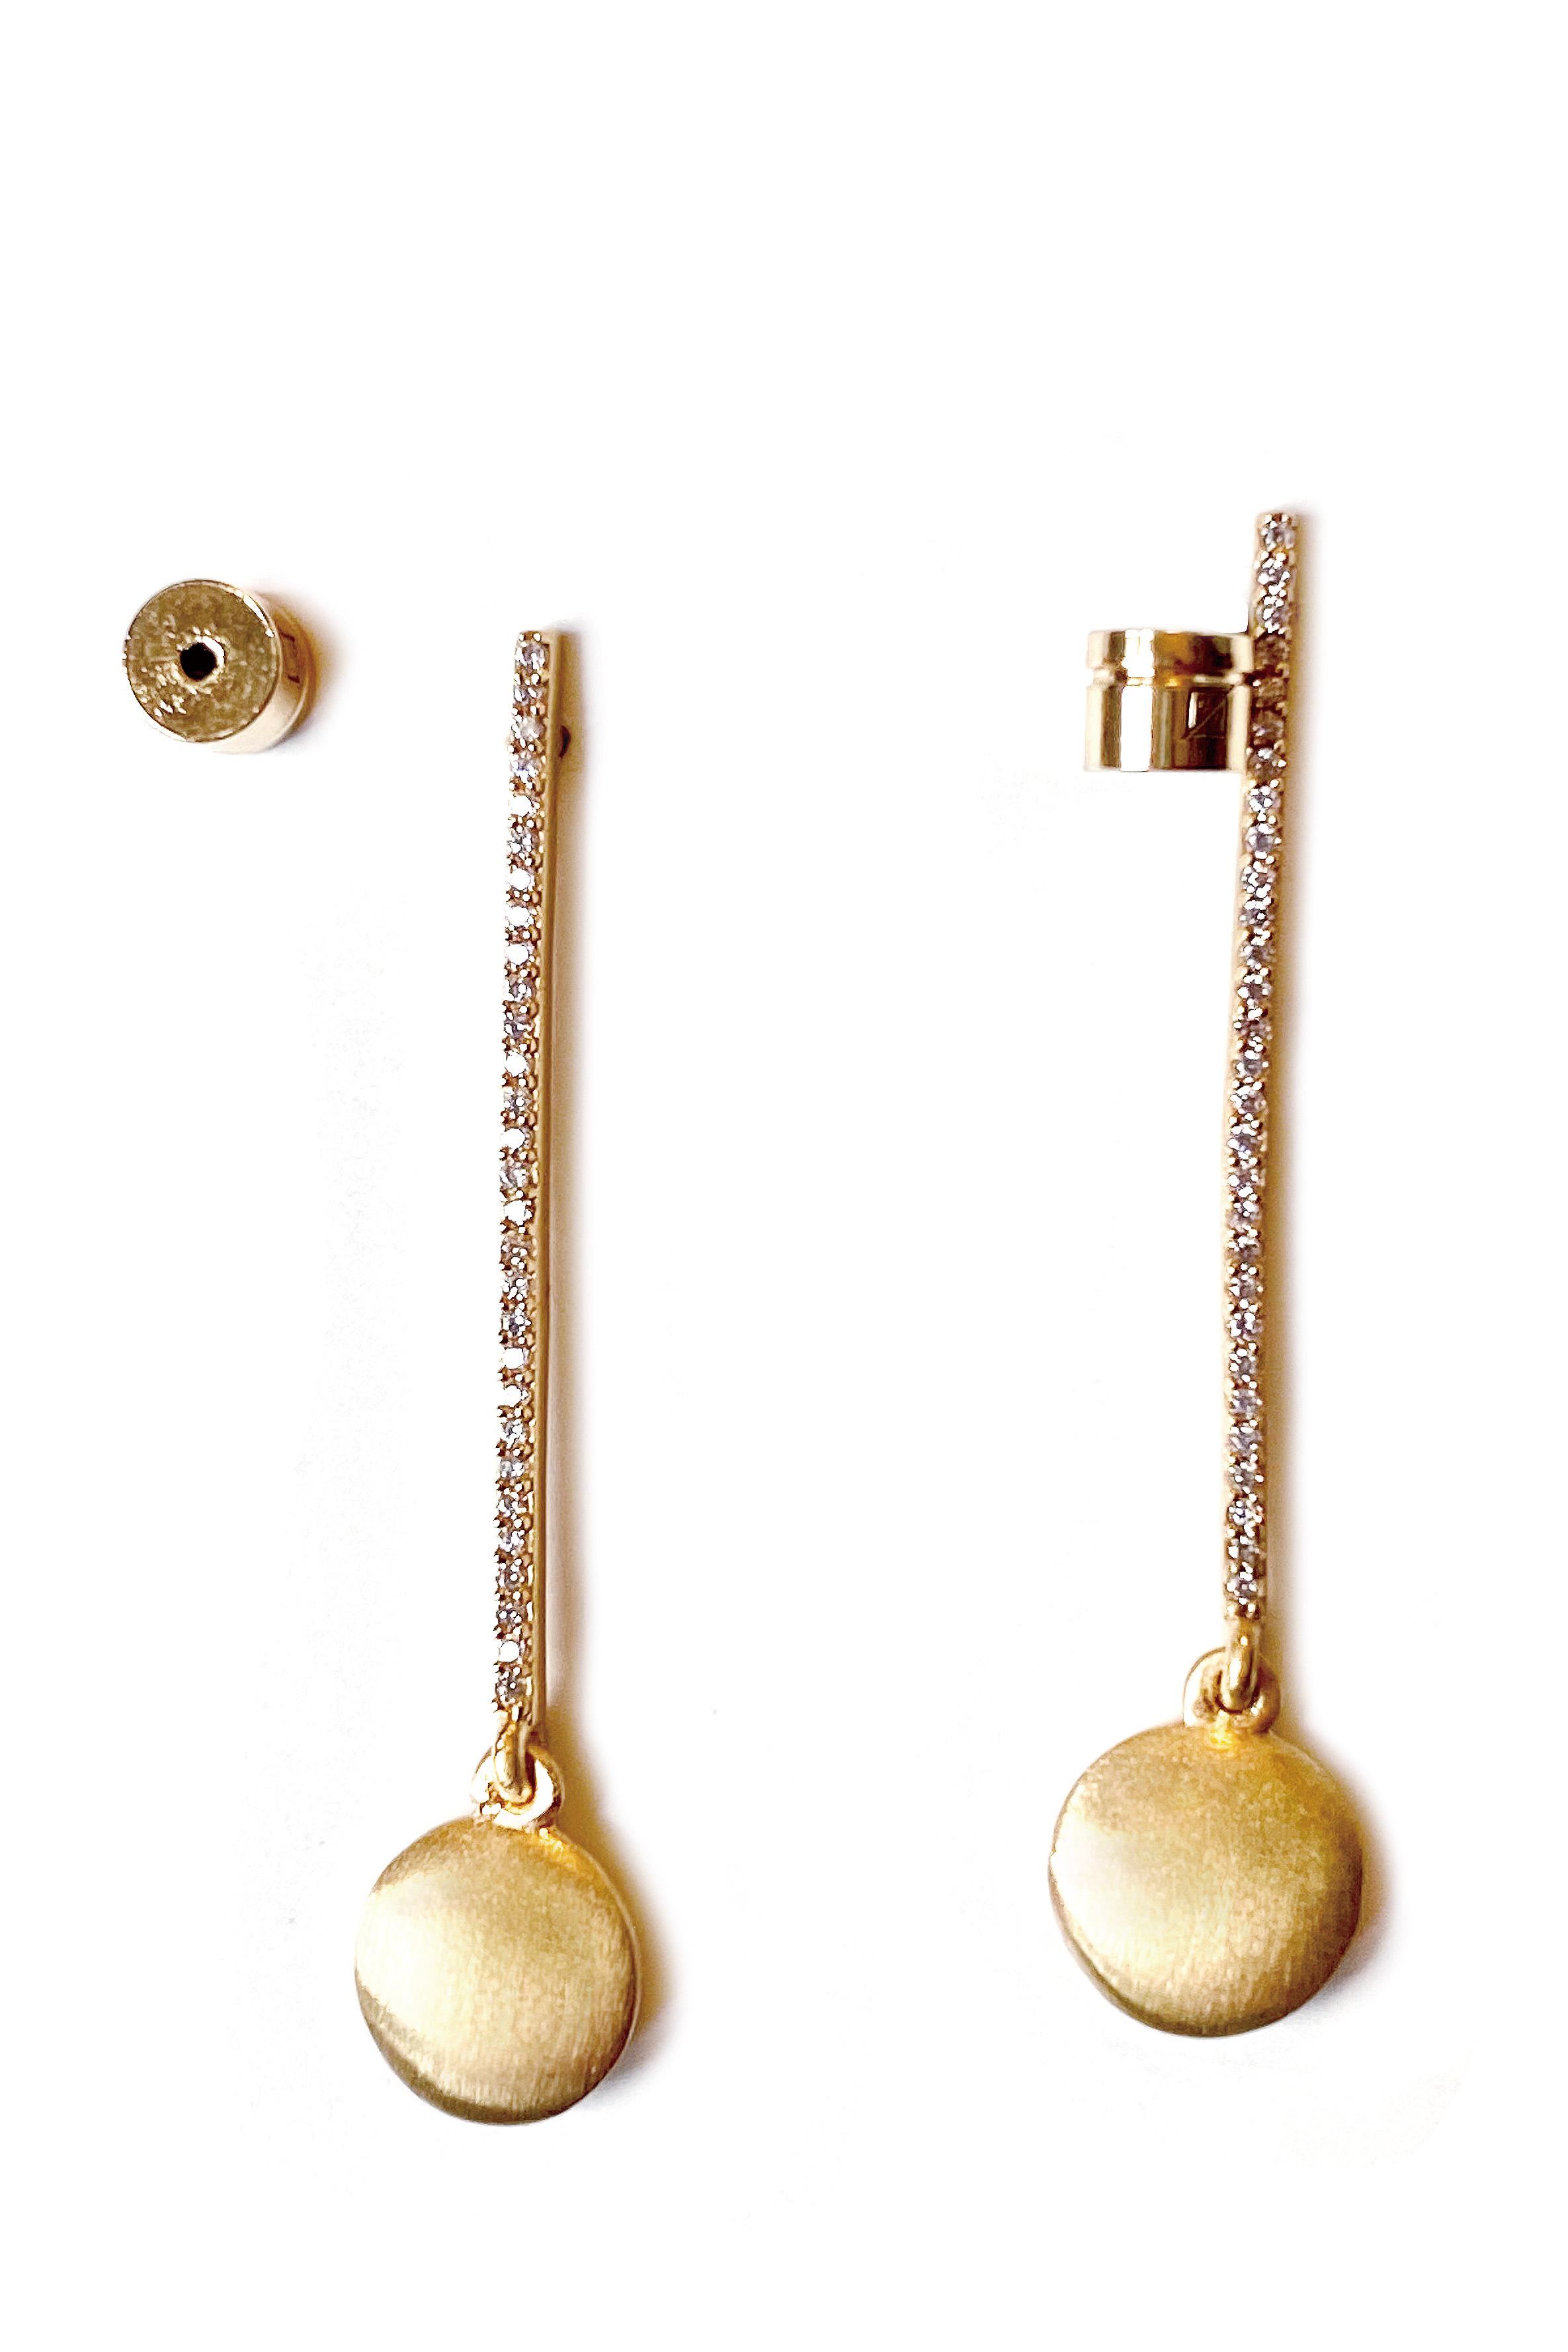 【1年間保証】ゴールドの厚みが違うはげにくいマットなゴールド繊細なCZダイヤをびっしりセットしたピアス 【22KYGフィルド】